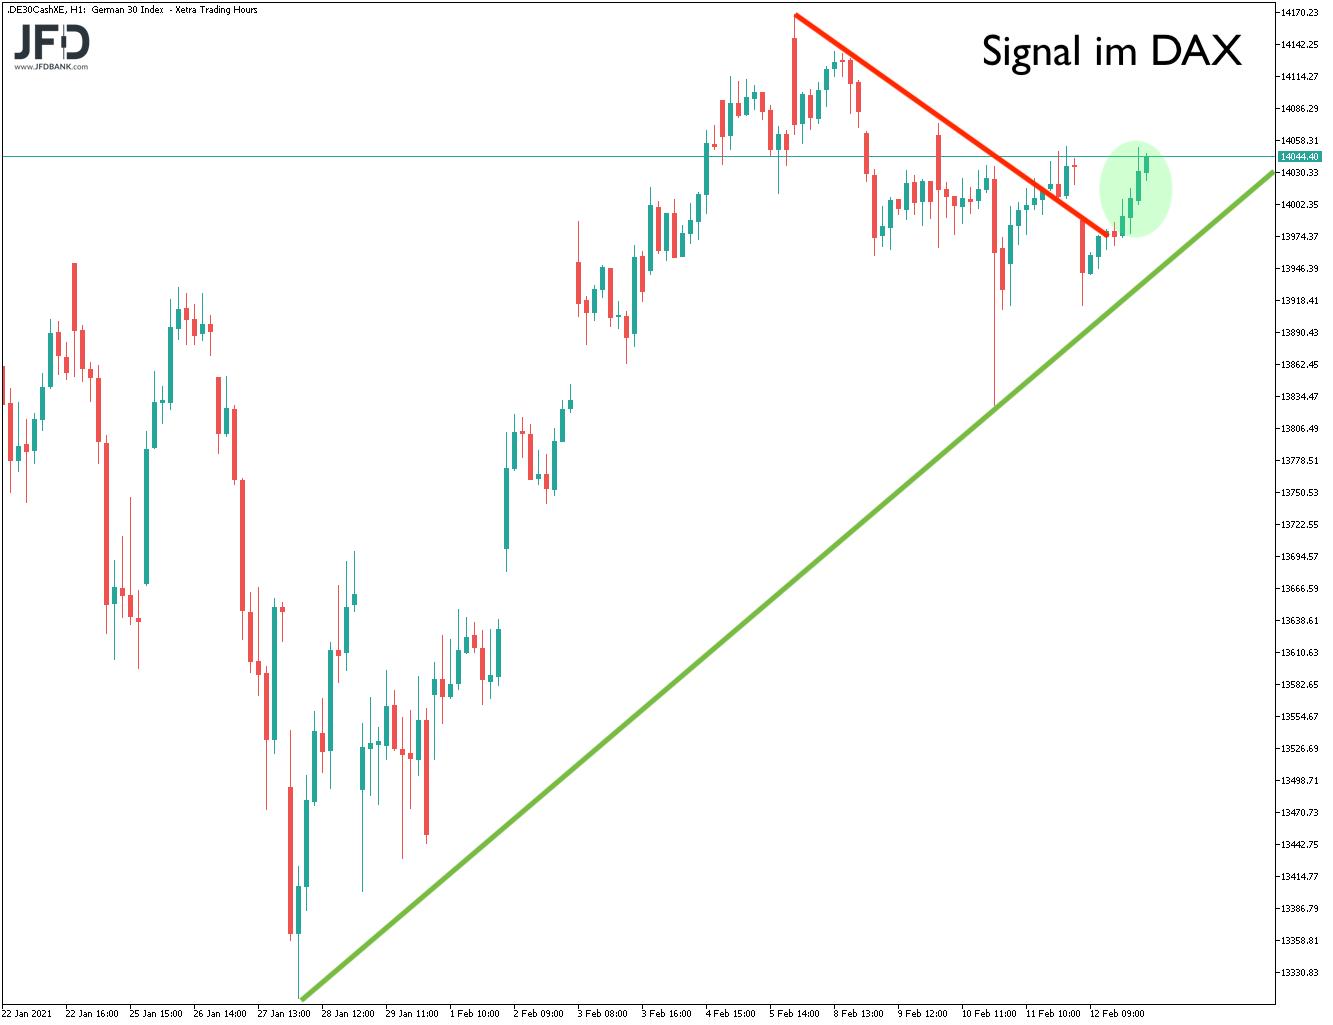 Long-Signal im DAX Mittelfrist-Chart